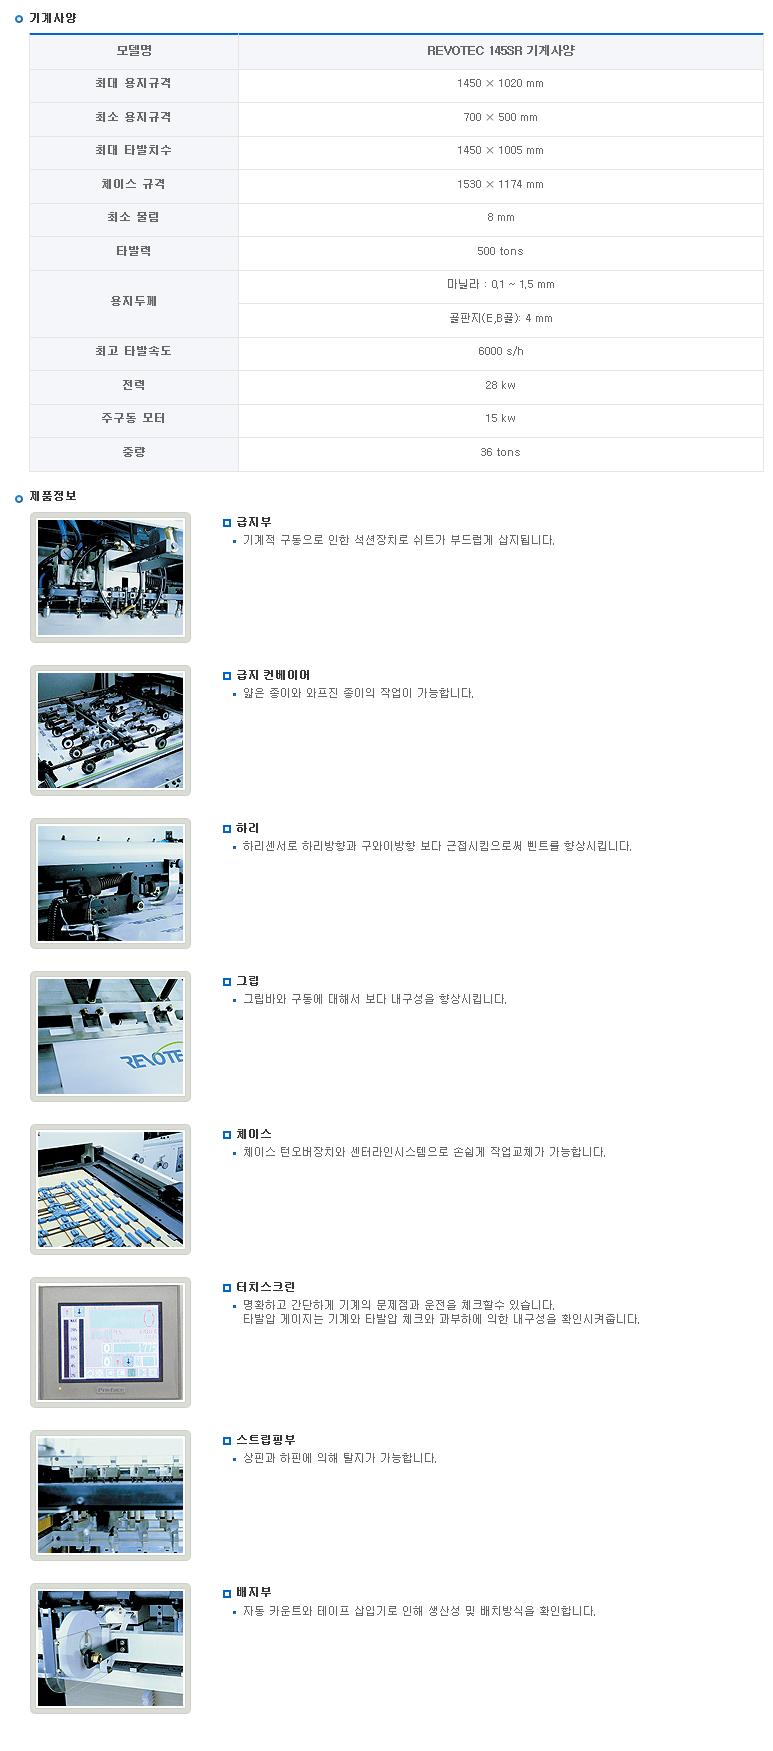 (주)영신기계  REVOTEC 145SR 1